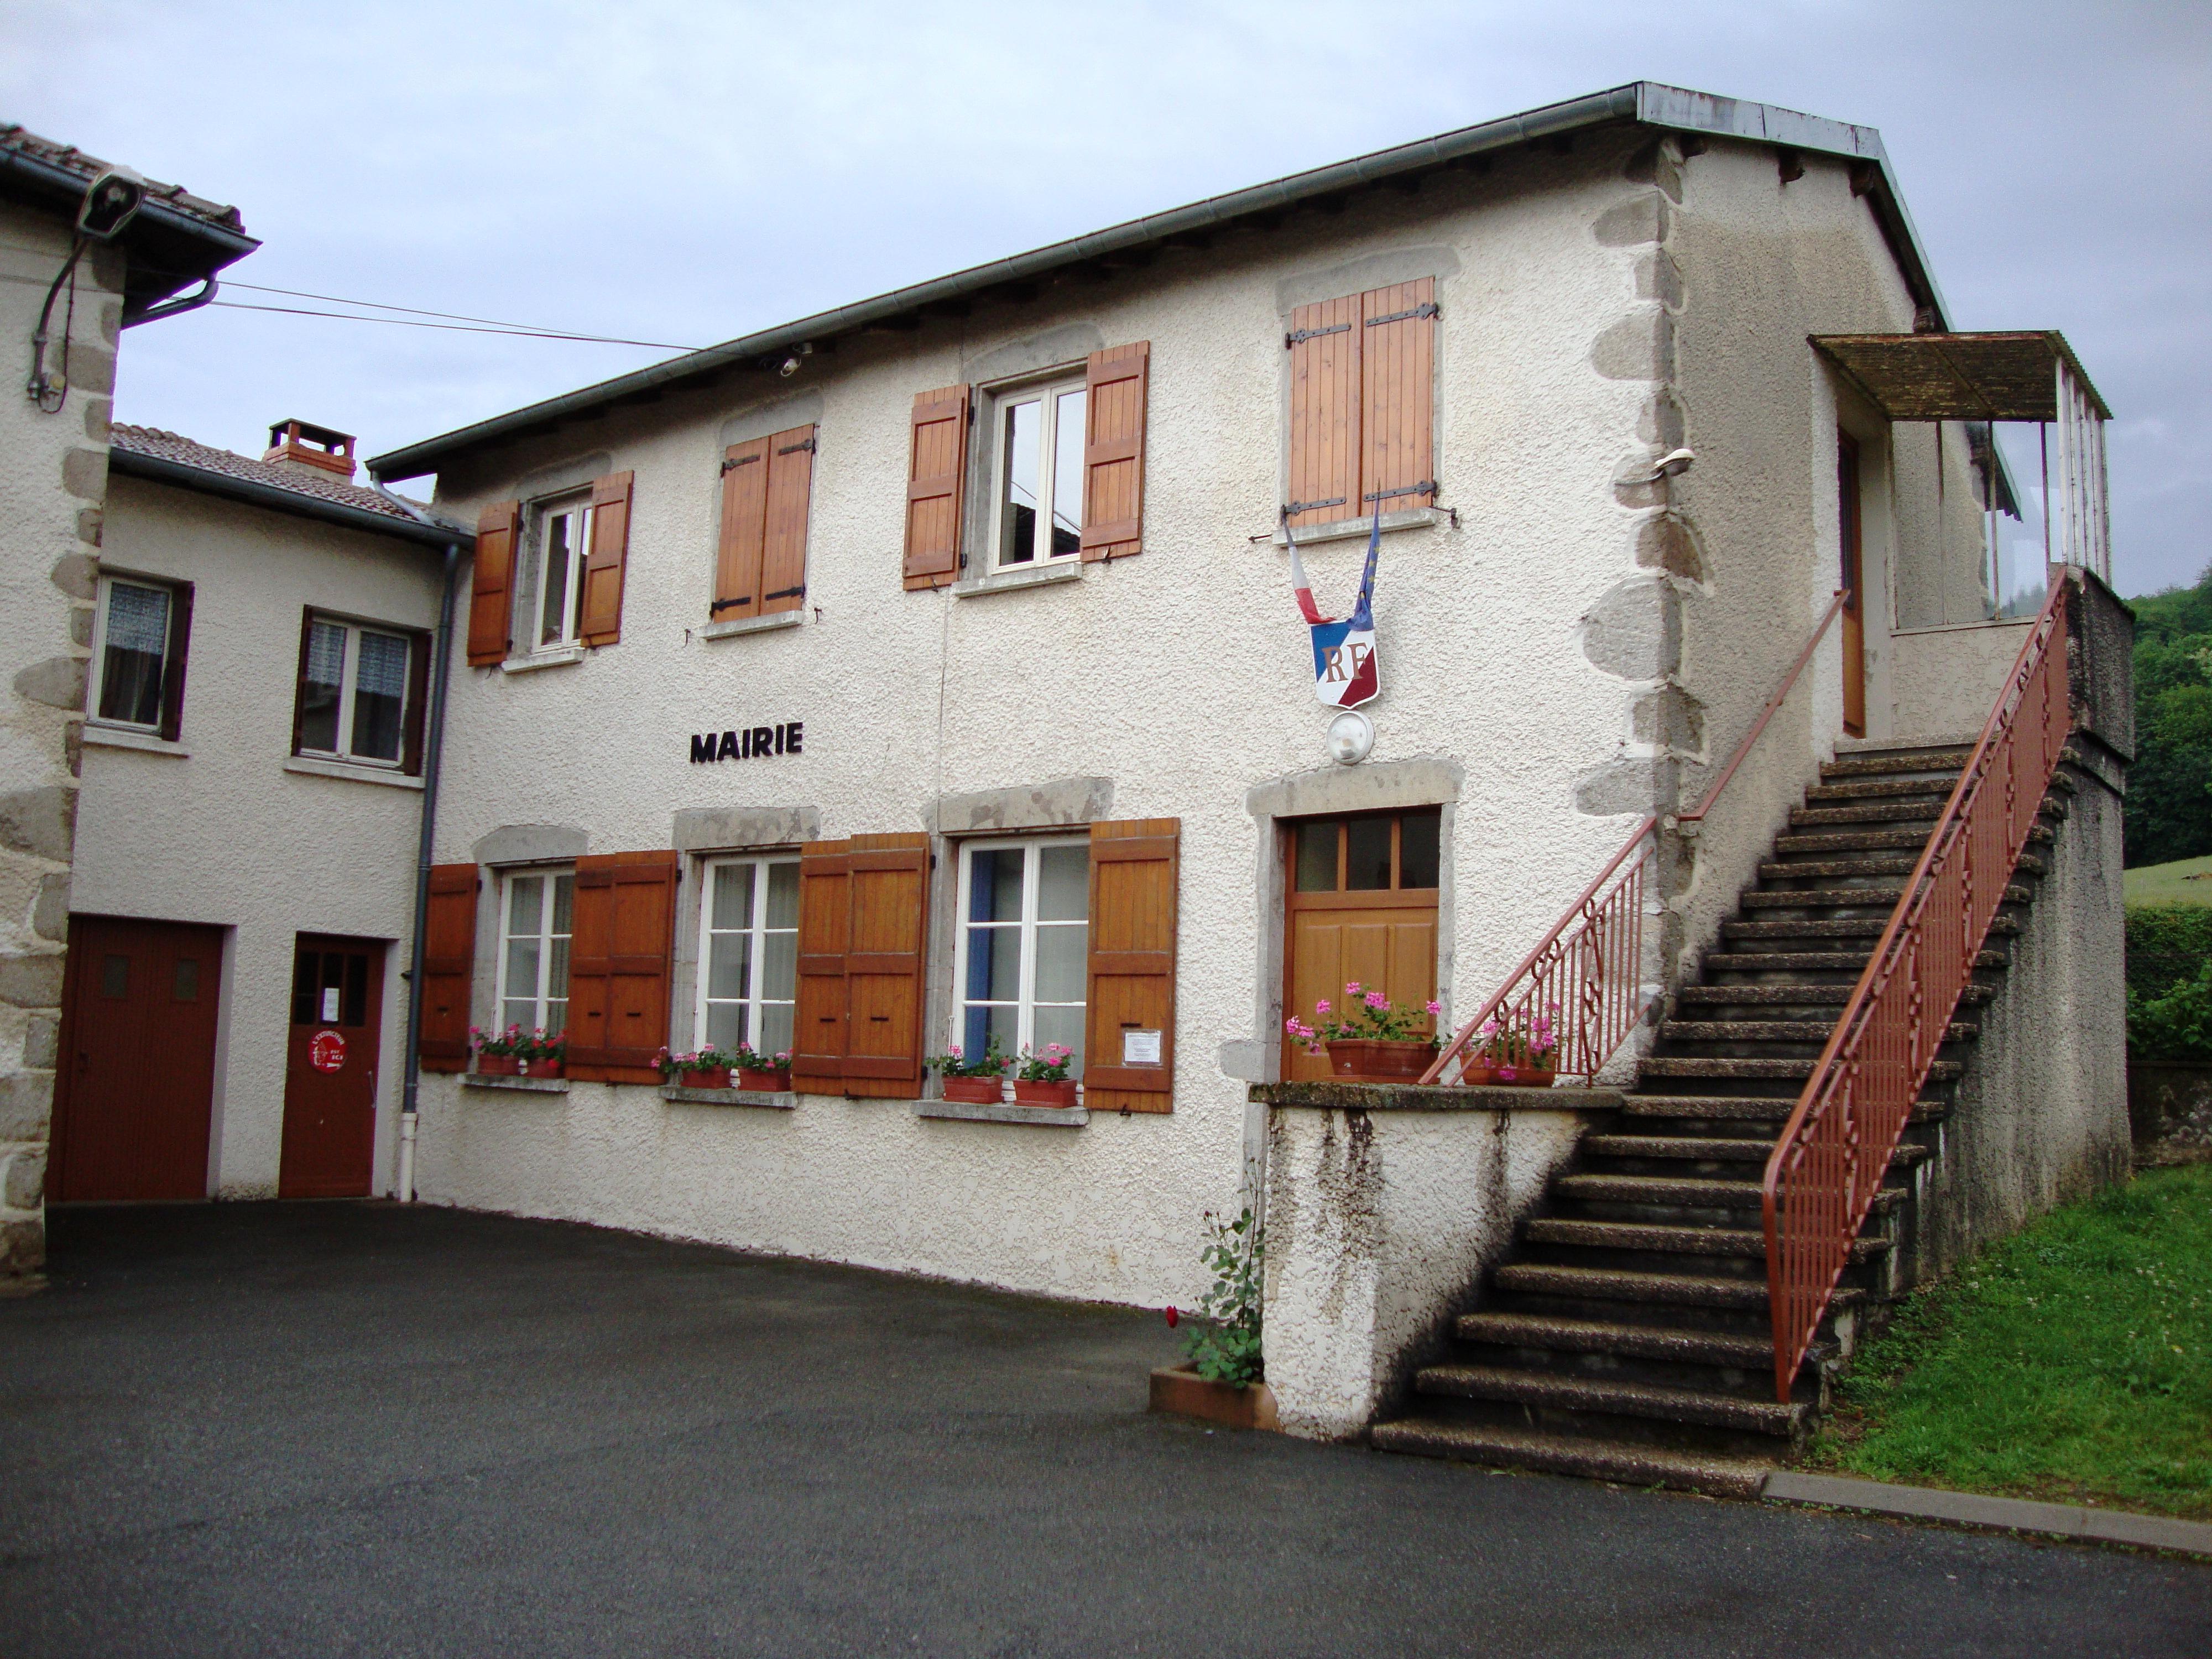 http://upload.wikimedia.org/wikipedia/commons/b/bb/St.Jaques-des-Arr%C3%AAts_%28Rh%C3%B4ne%2C_Fr%29_mairie.JPG